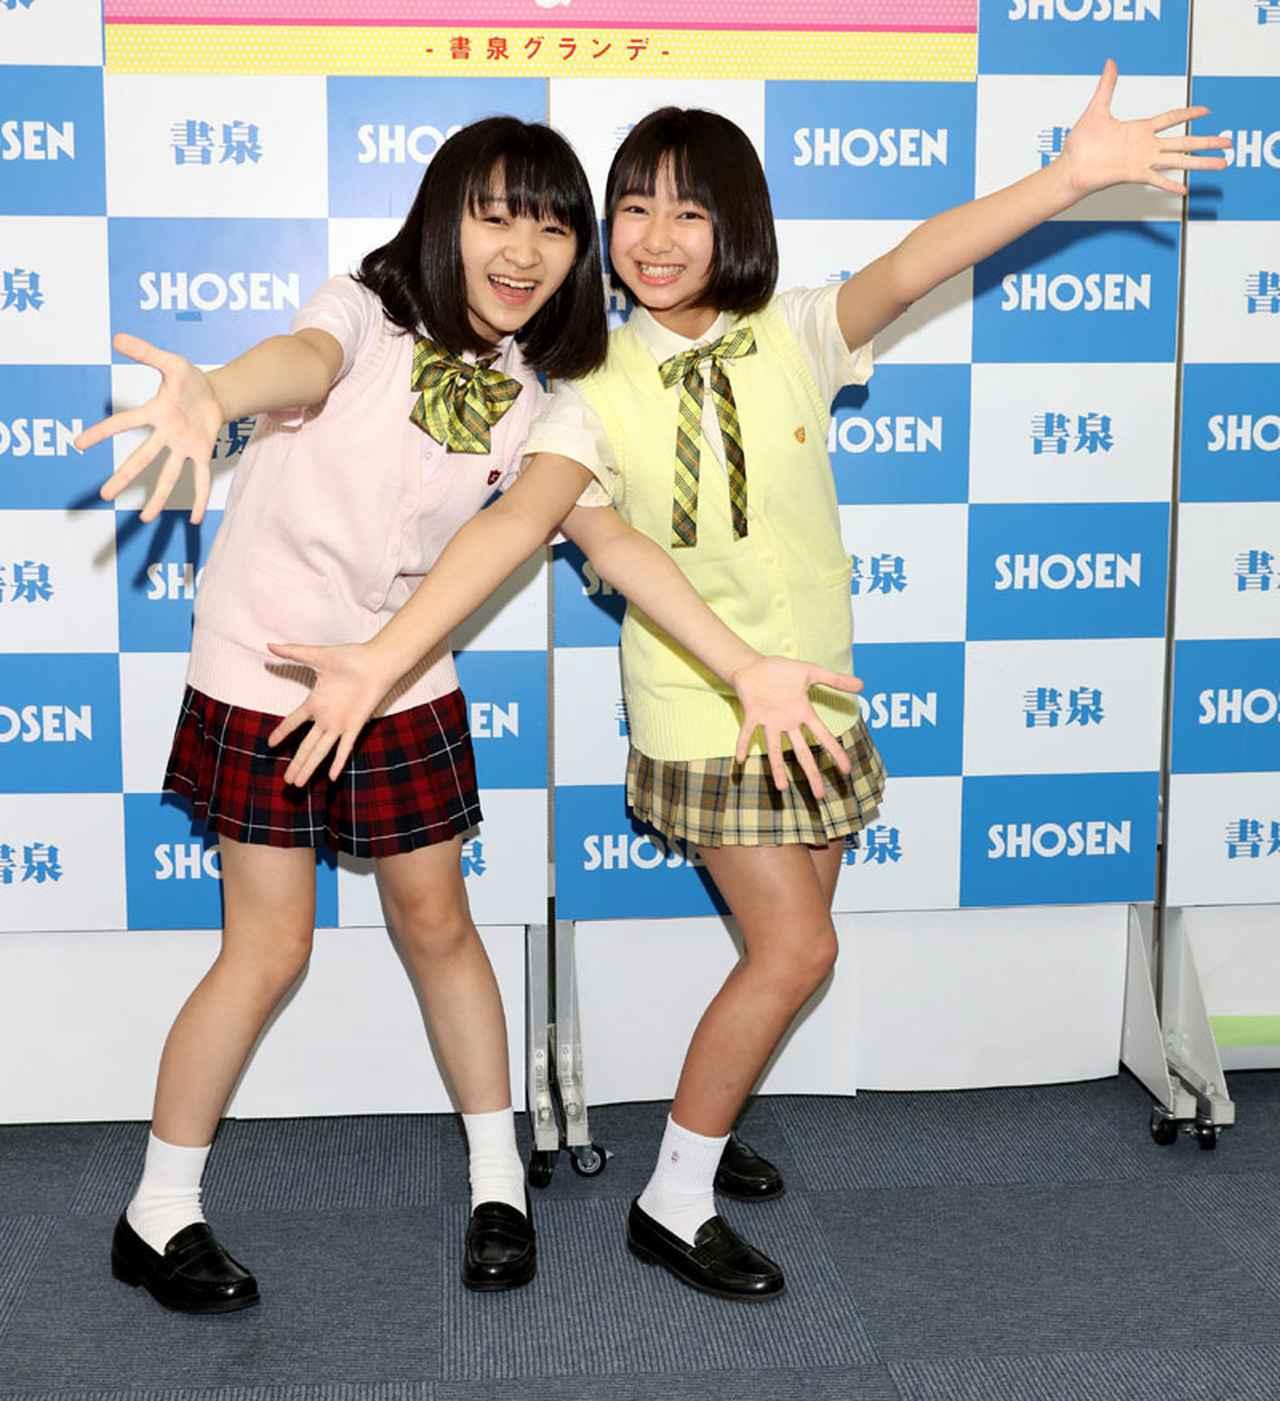 Images : 8番目の画像 - 「前野えま、本間菜穂/雑誌「Chu-Boh」の表紙に登場!「うれしかった!」「びっくりした」。元気いっぱいのJC会見!」のアルバム - Stereo Sound ONLINE